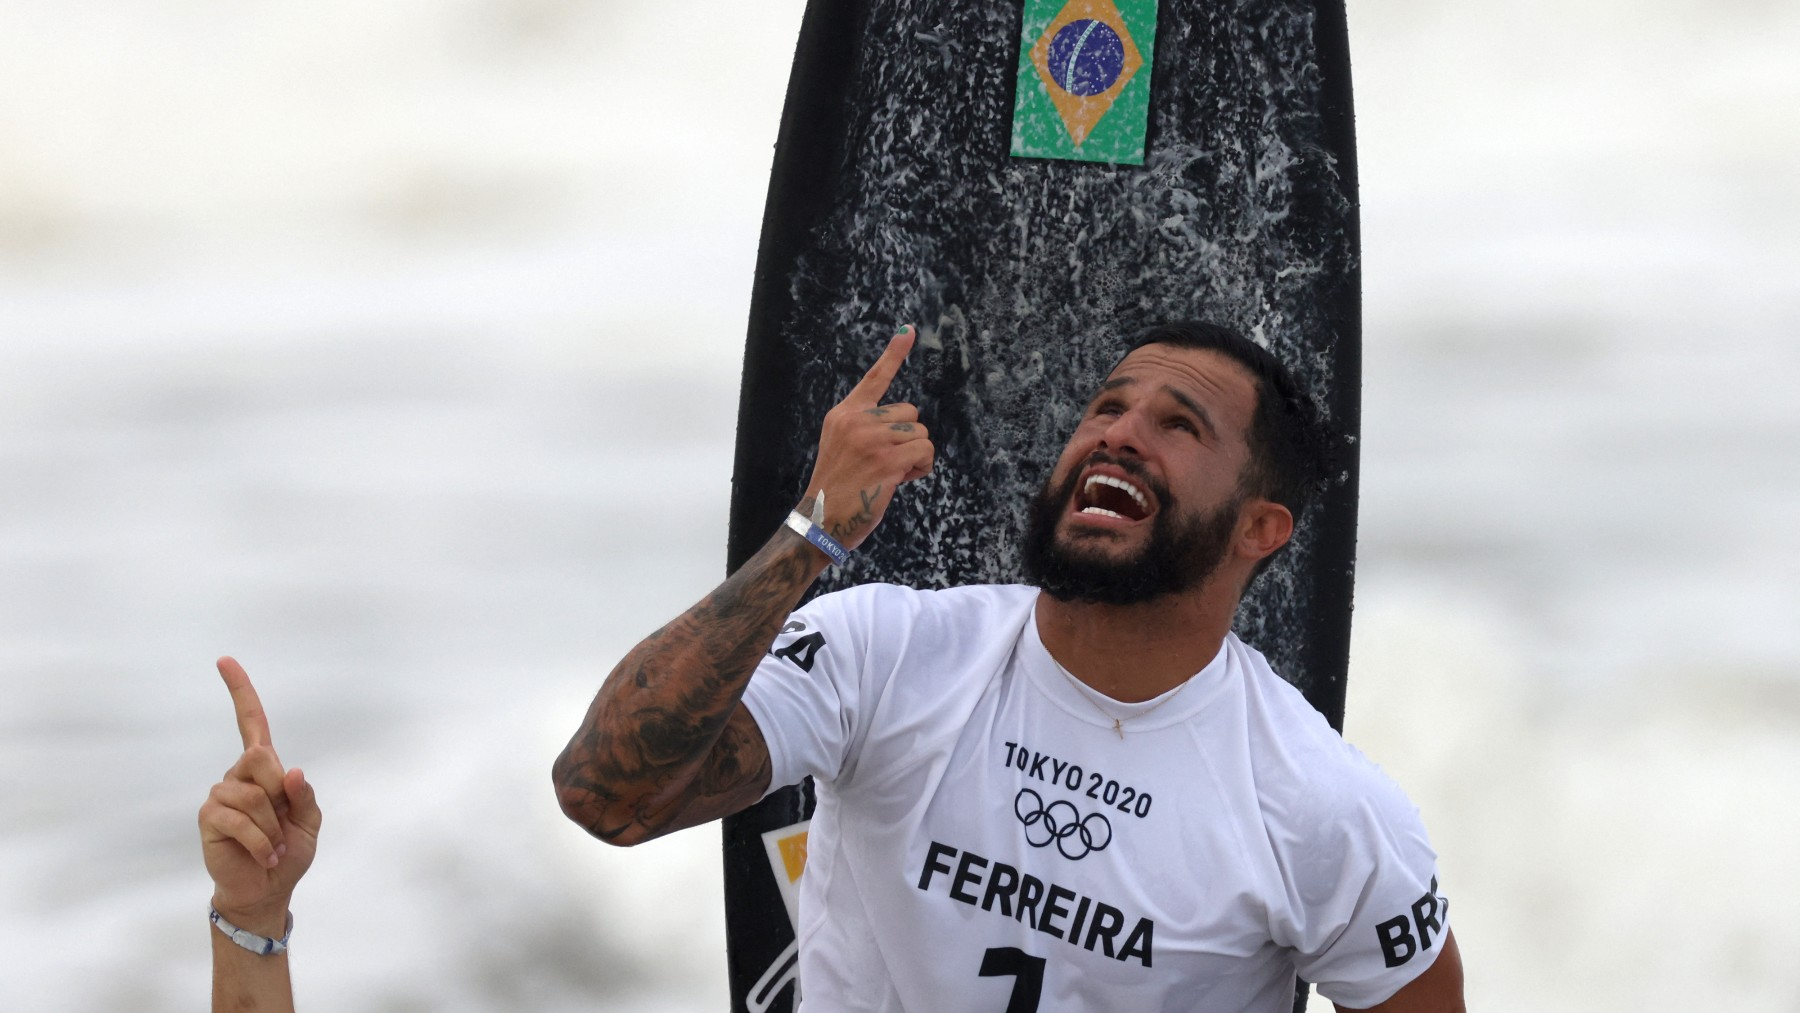 Italo Ferreira celebra su triunfo en los Juegos Olímpicos. (AFP)